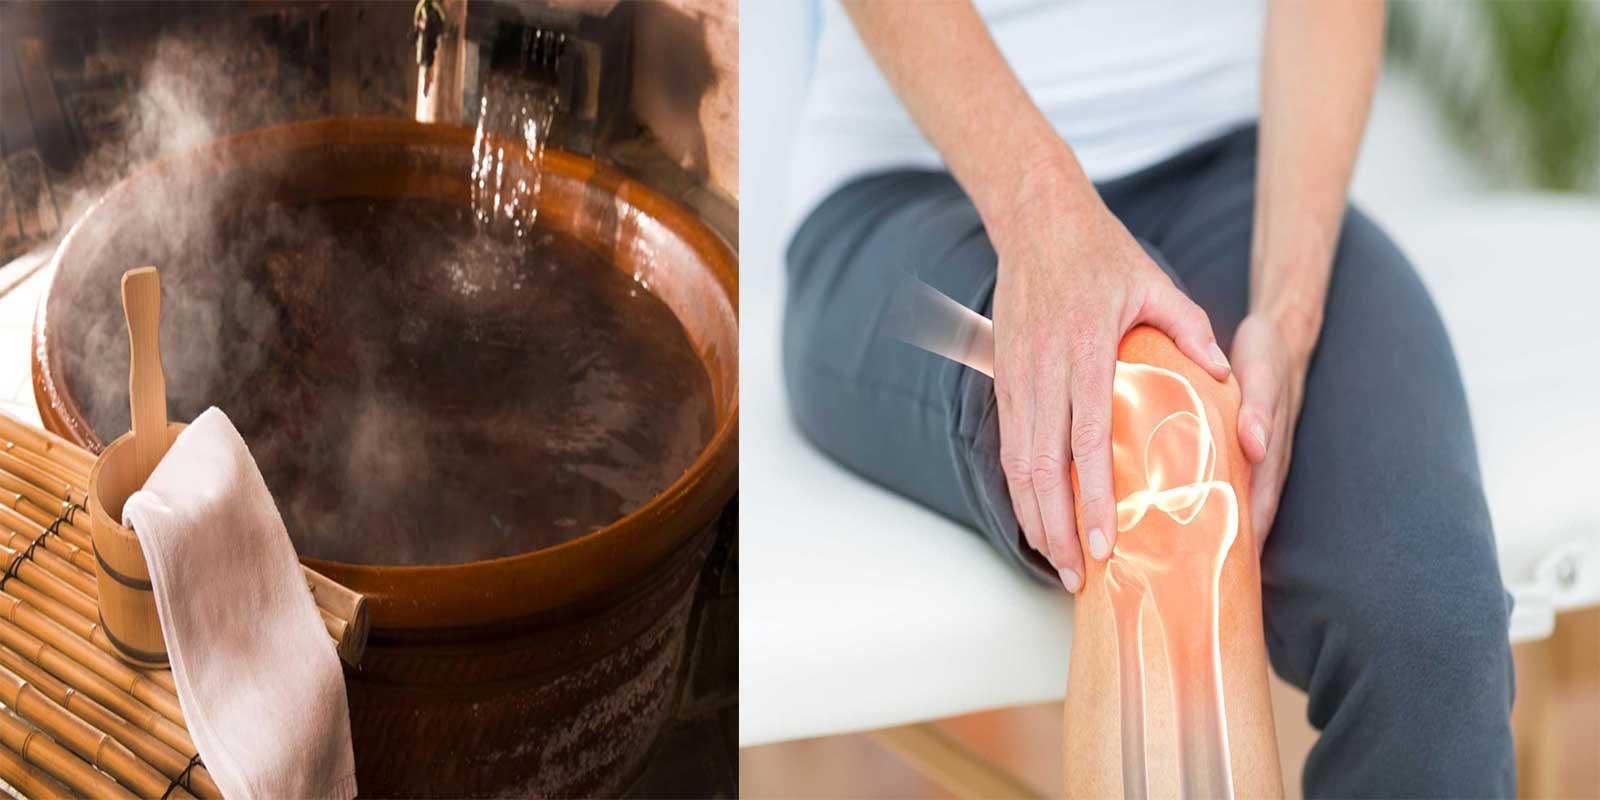 L'eau chaude est le remède maison contre la polyarthrite rhumatoïde que vous devriez utiliser